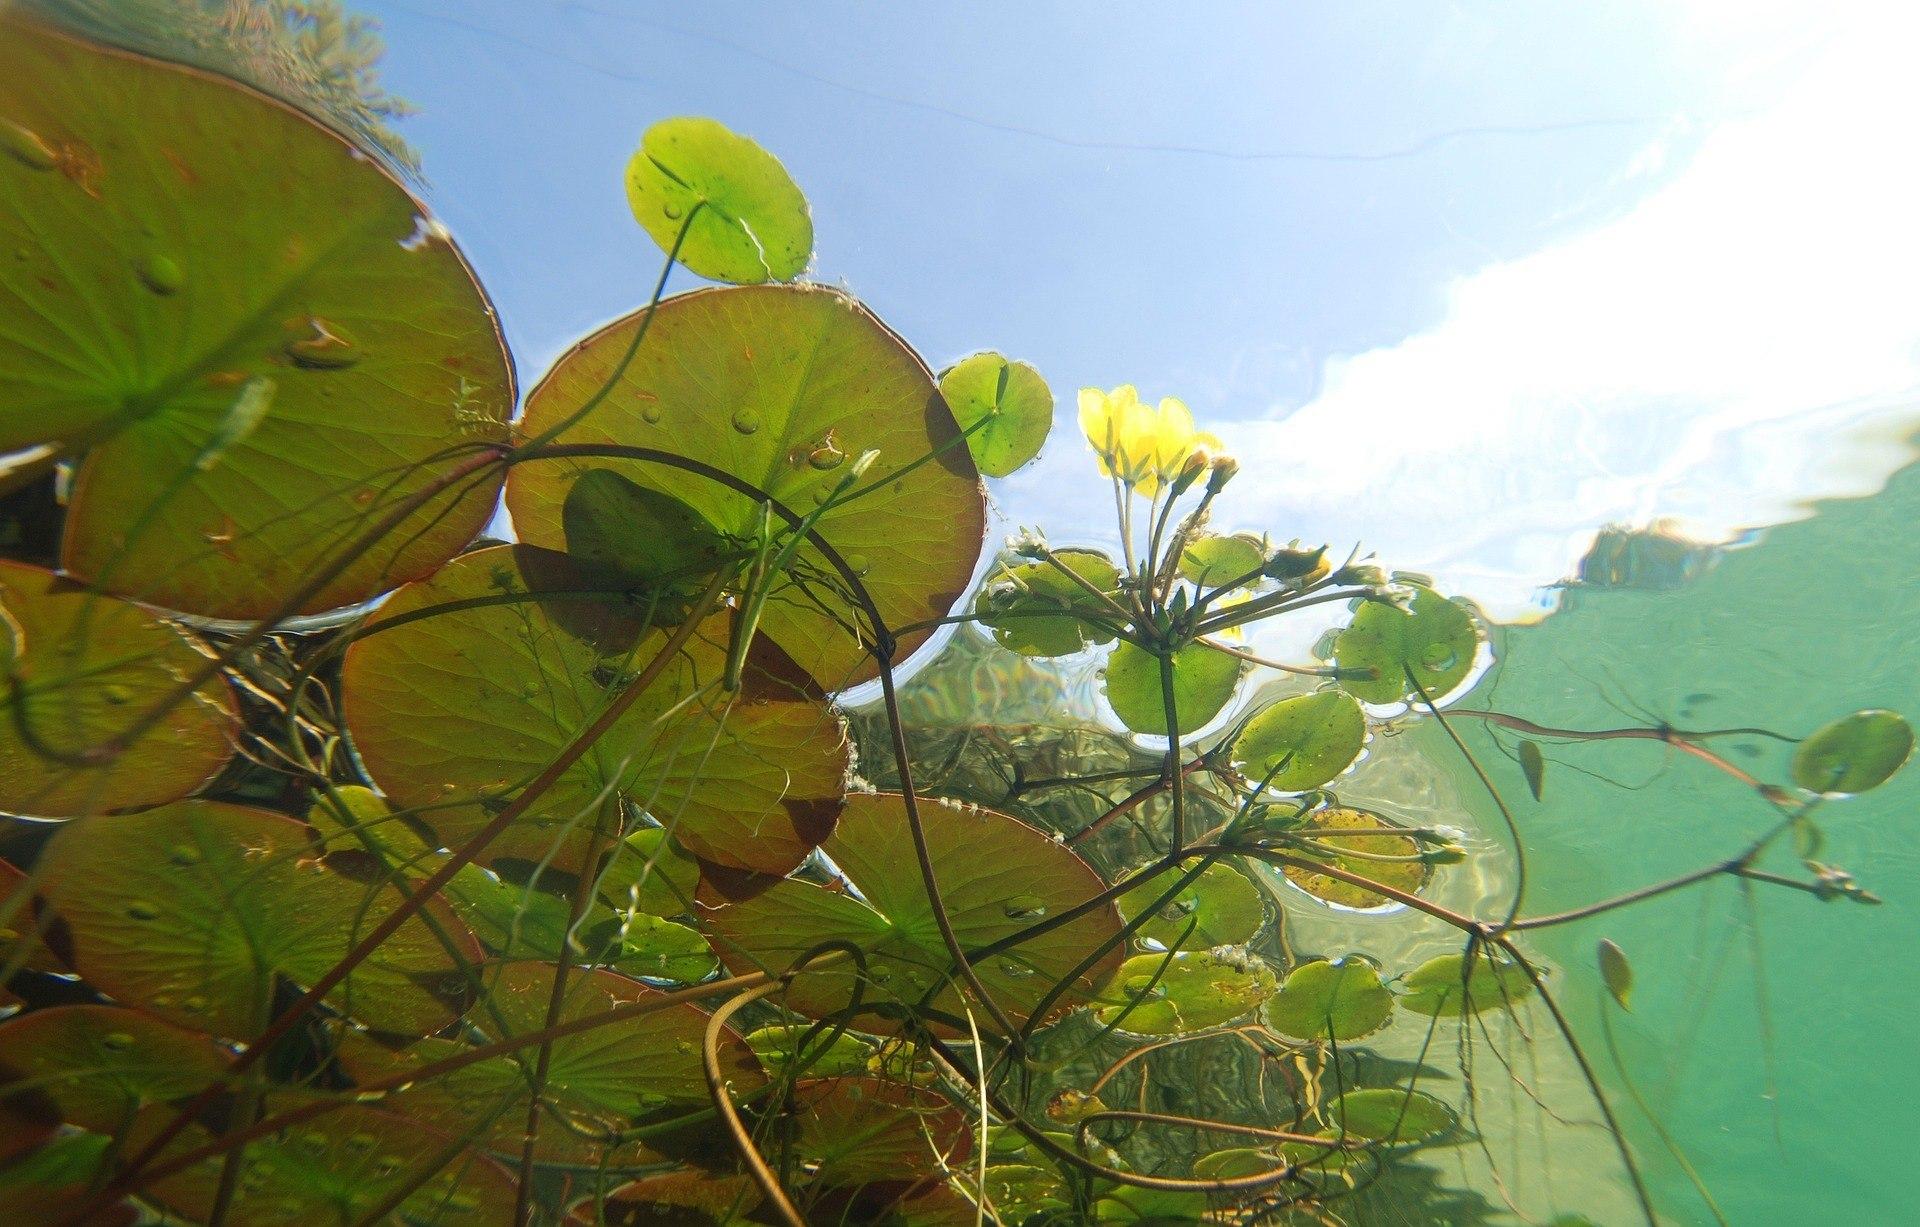 Underwater vegetation